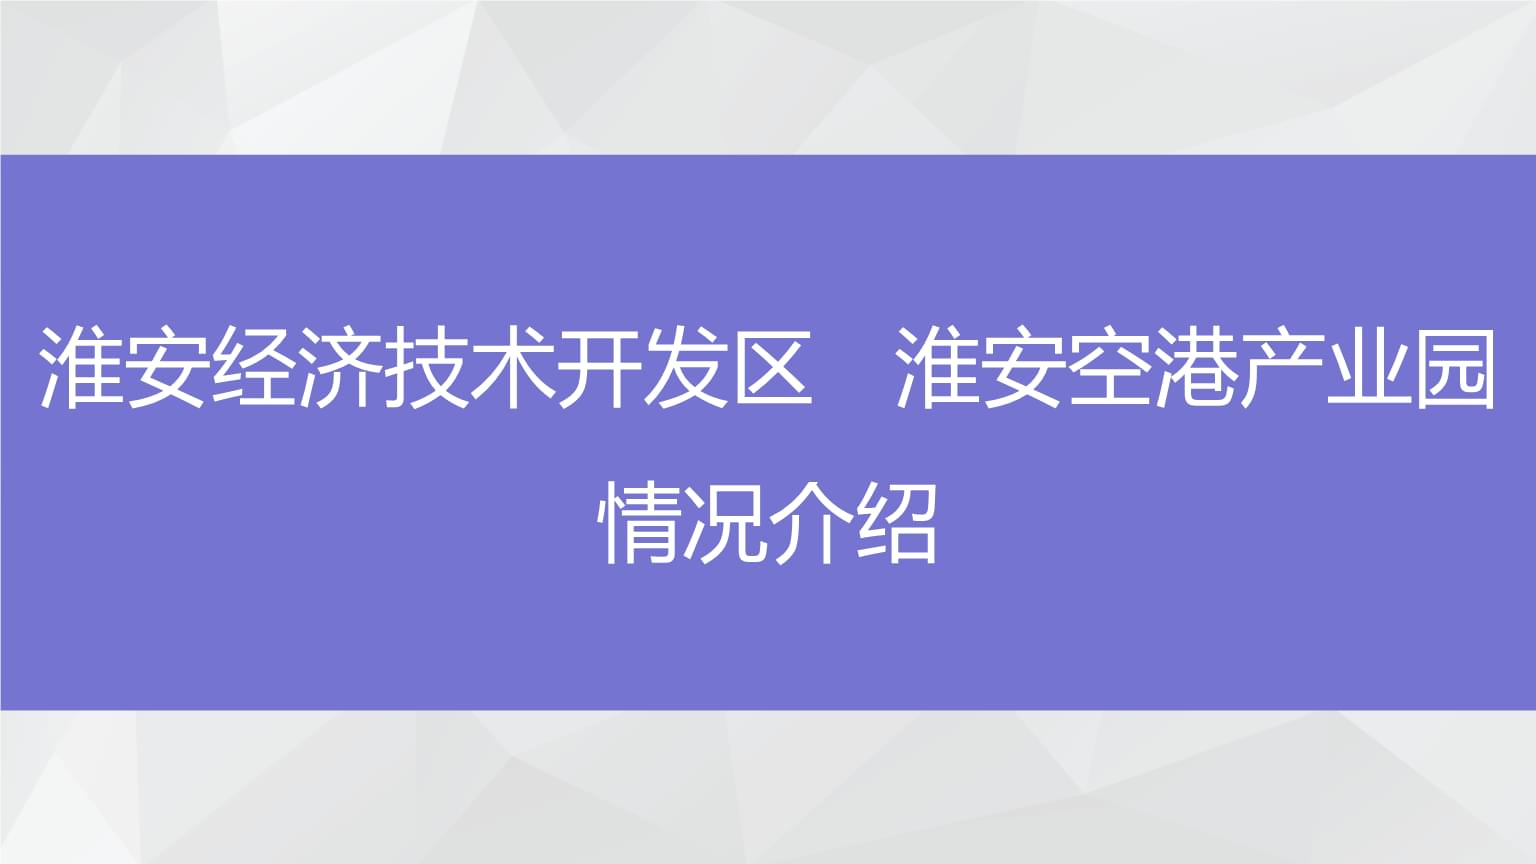 淮安空港产业园介绍.pptx